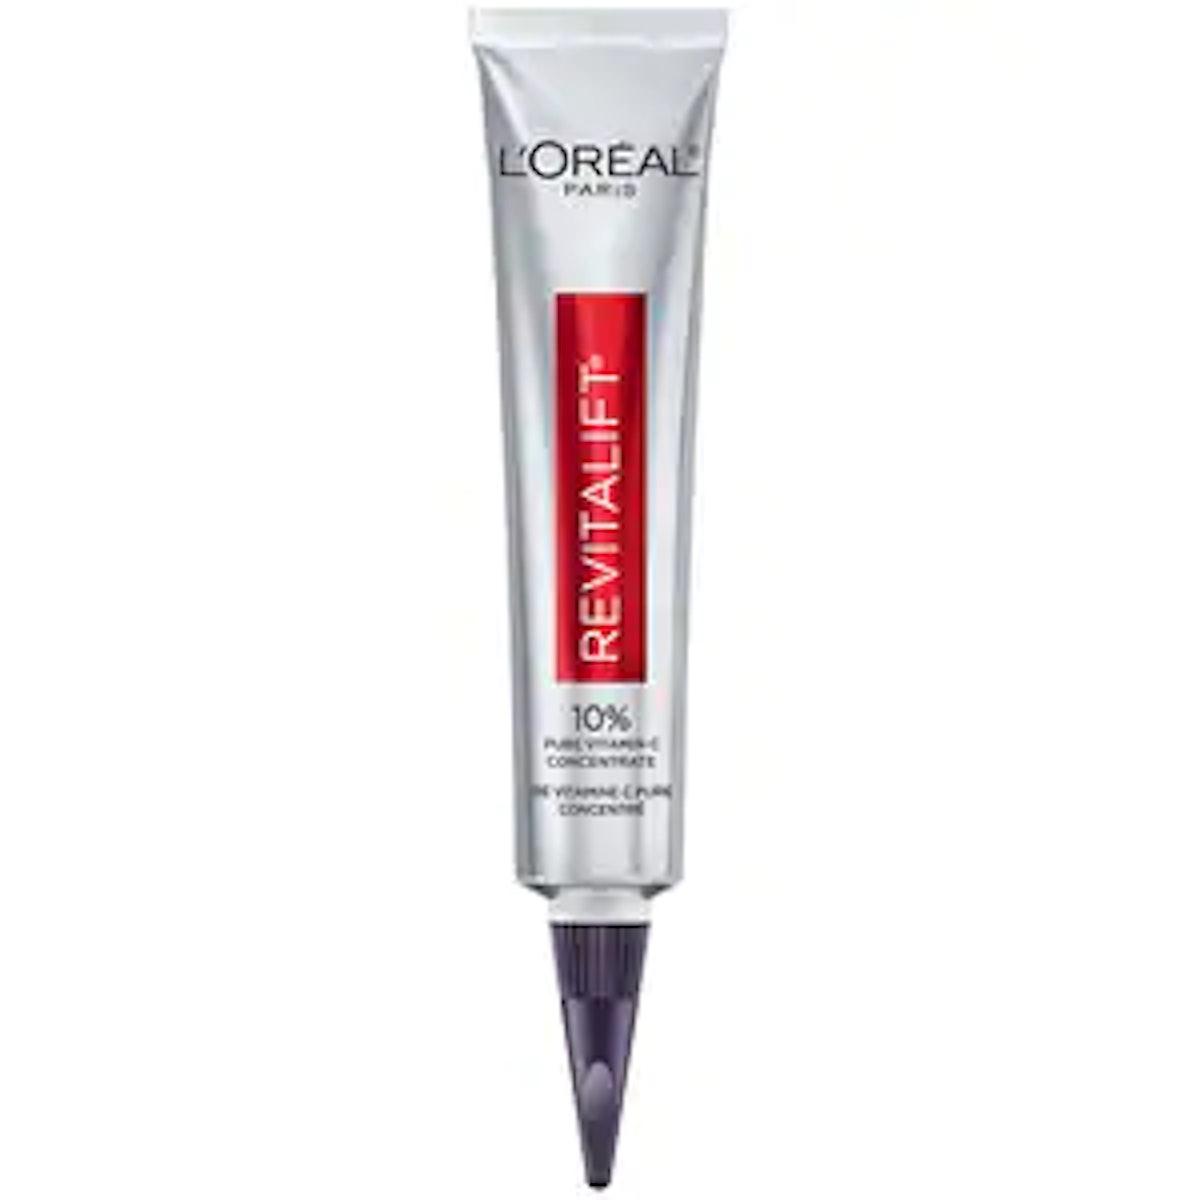 L'Oreal Paris Revitalift Derm Intensives Vitamin C Concentrate, Paraben Free, 1 OZ